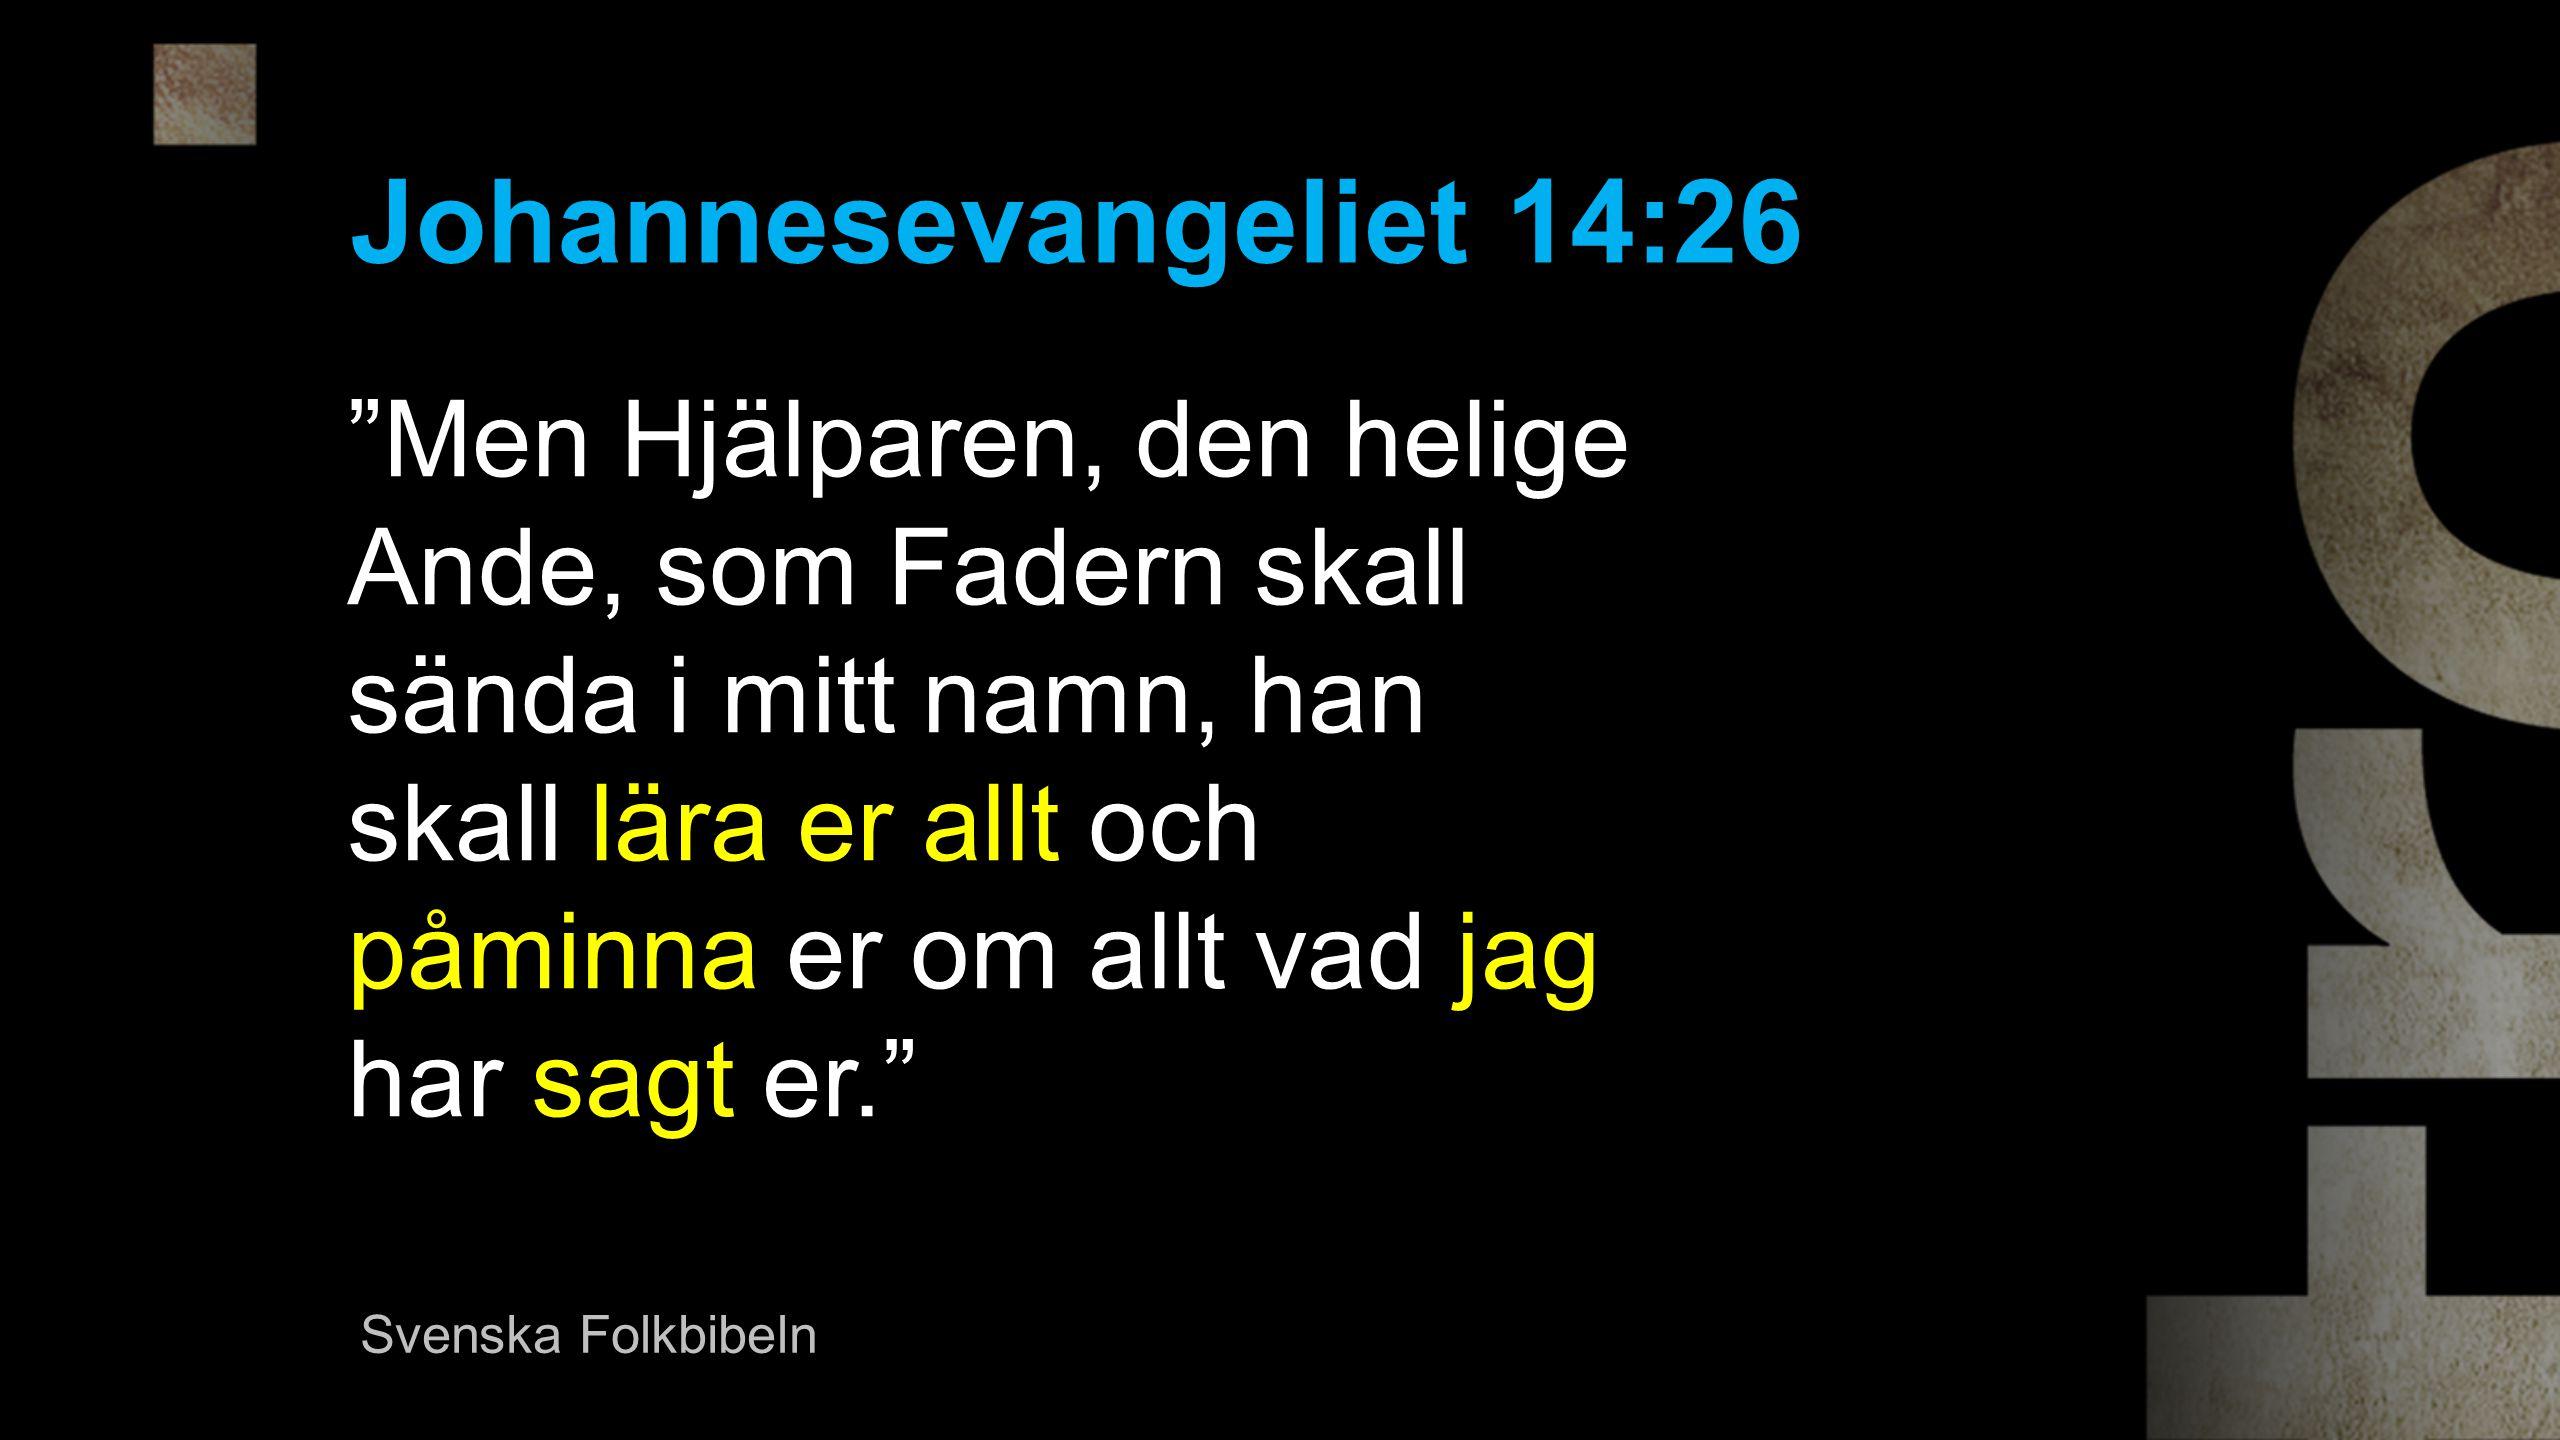 Johannesevangeliet 14:26